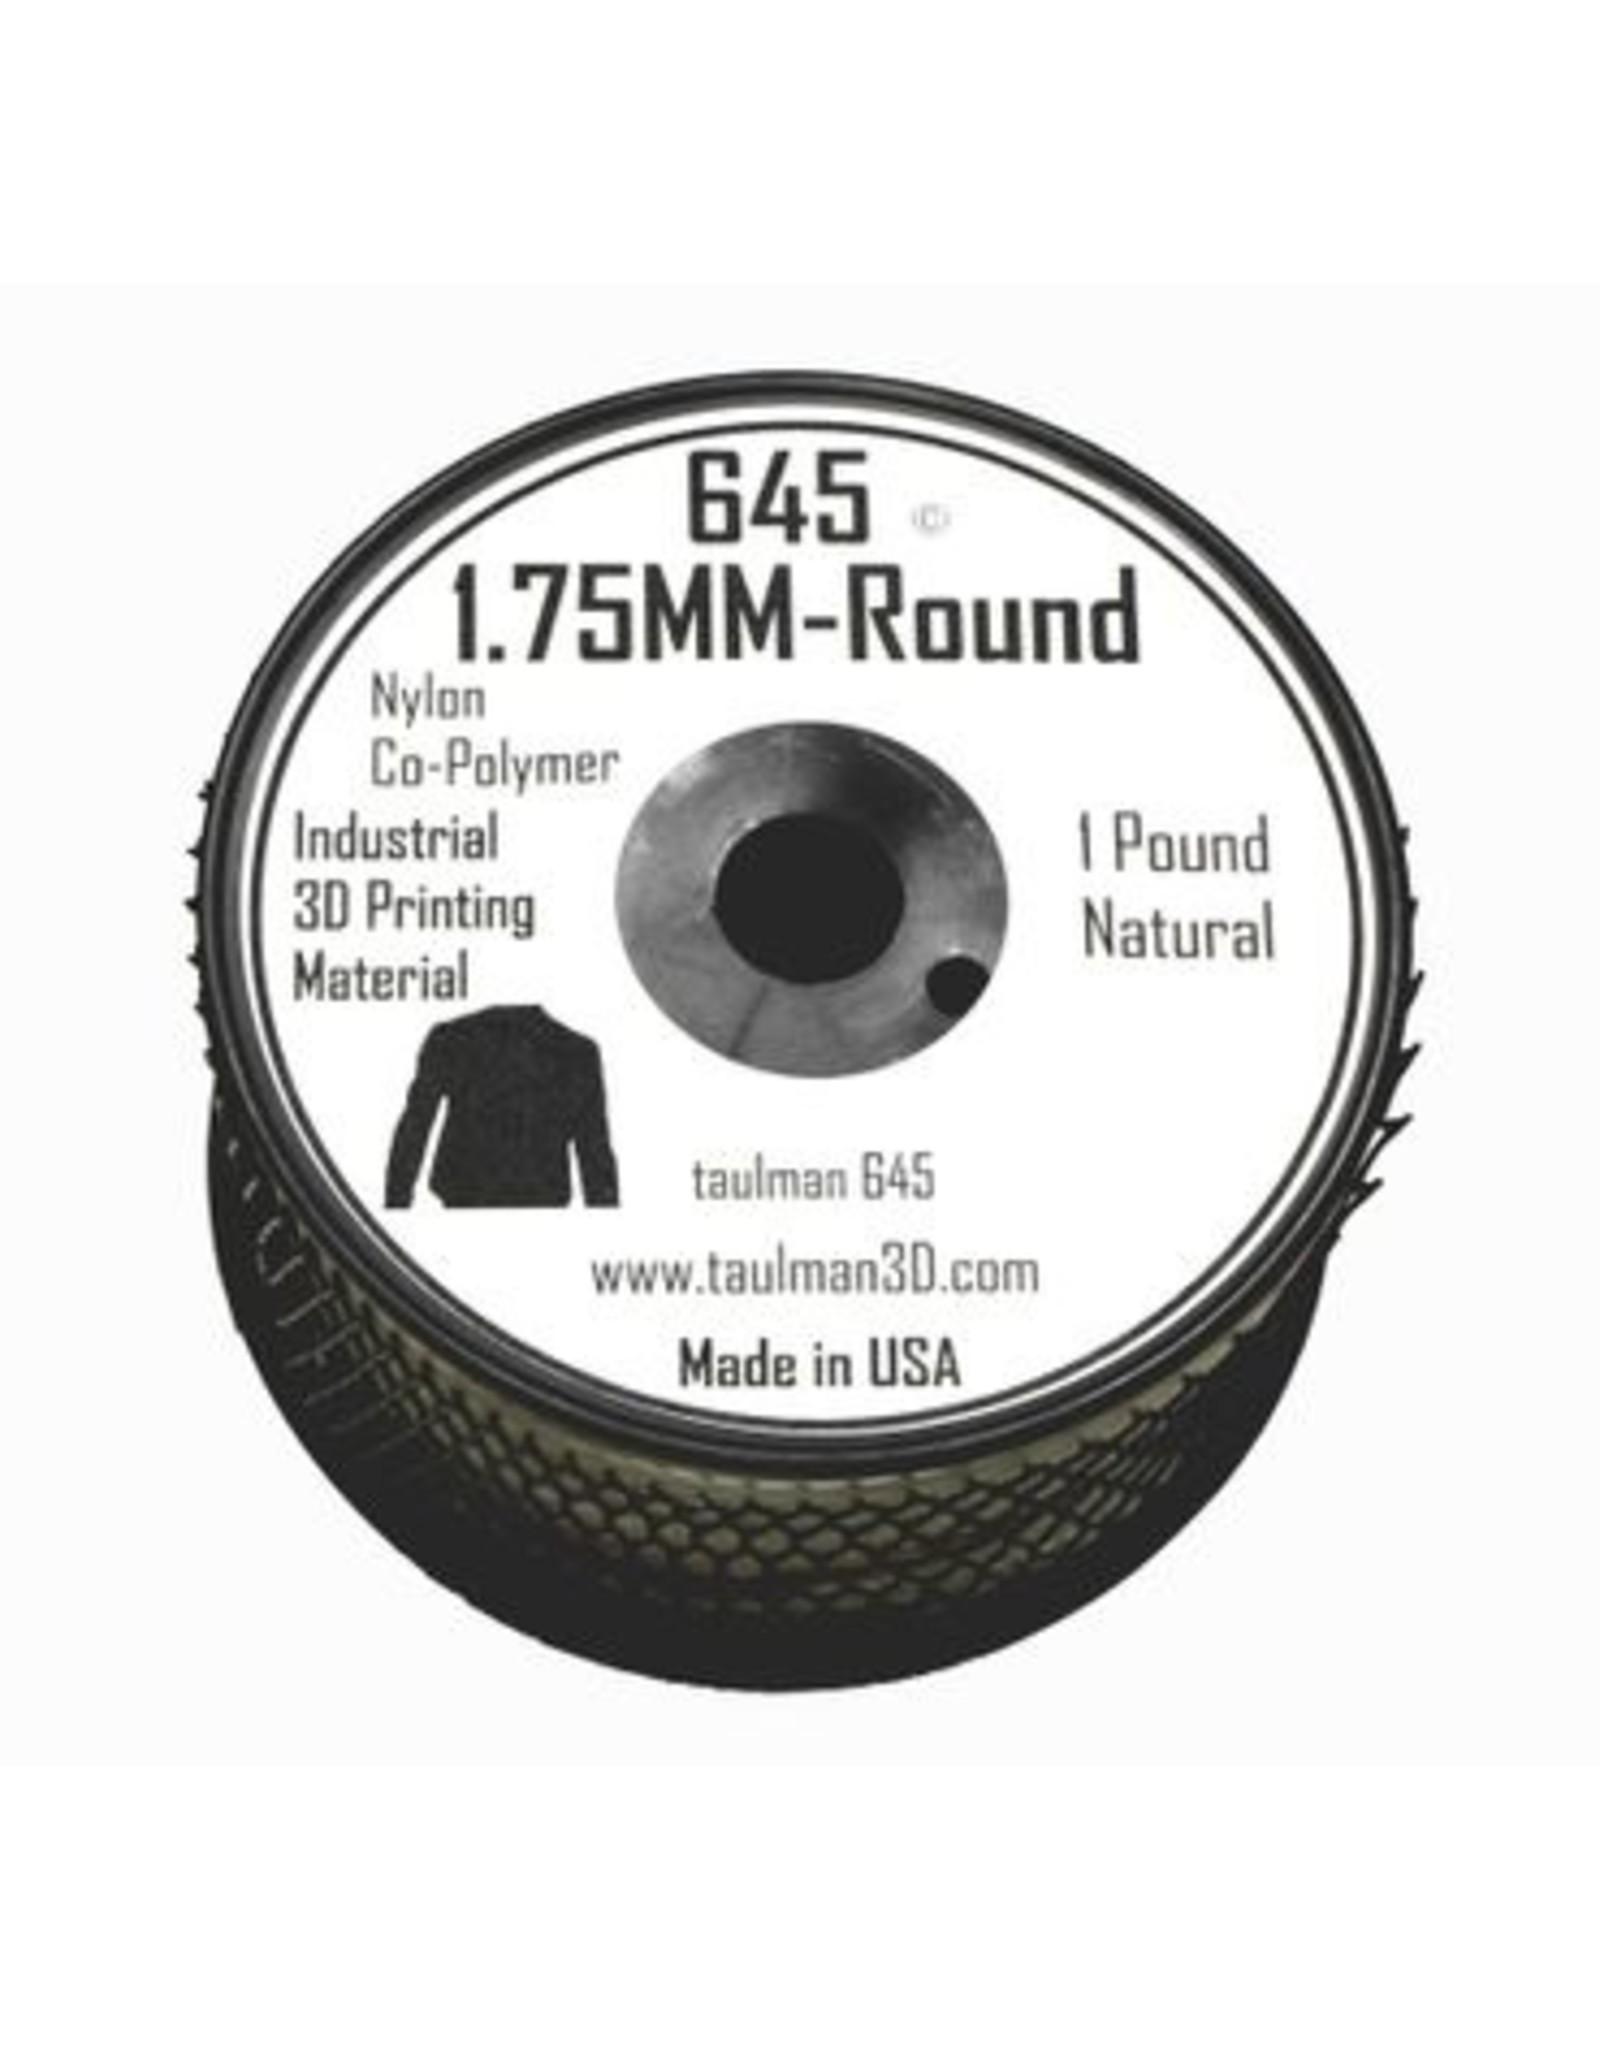 Taulman 3D Taulman Nylon 645 - 1.75mm